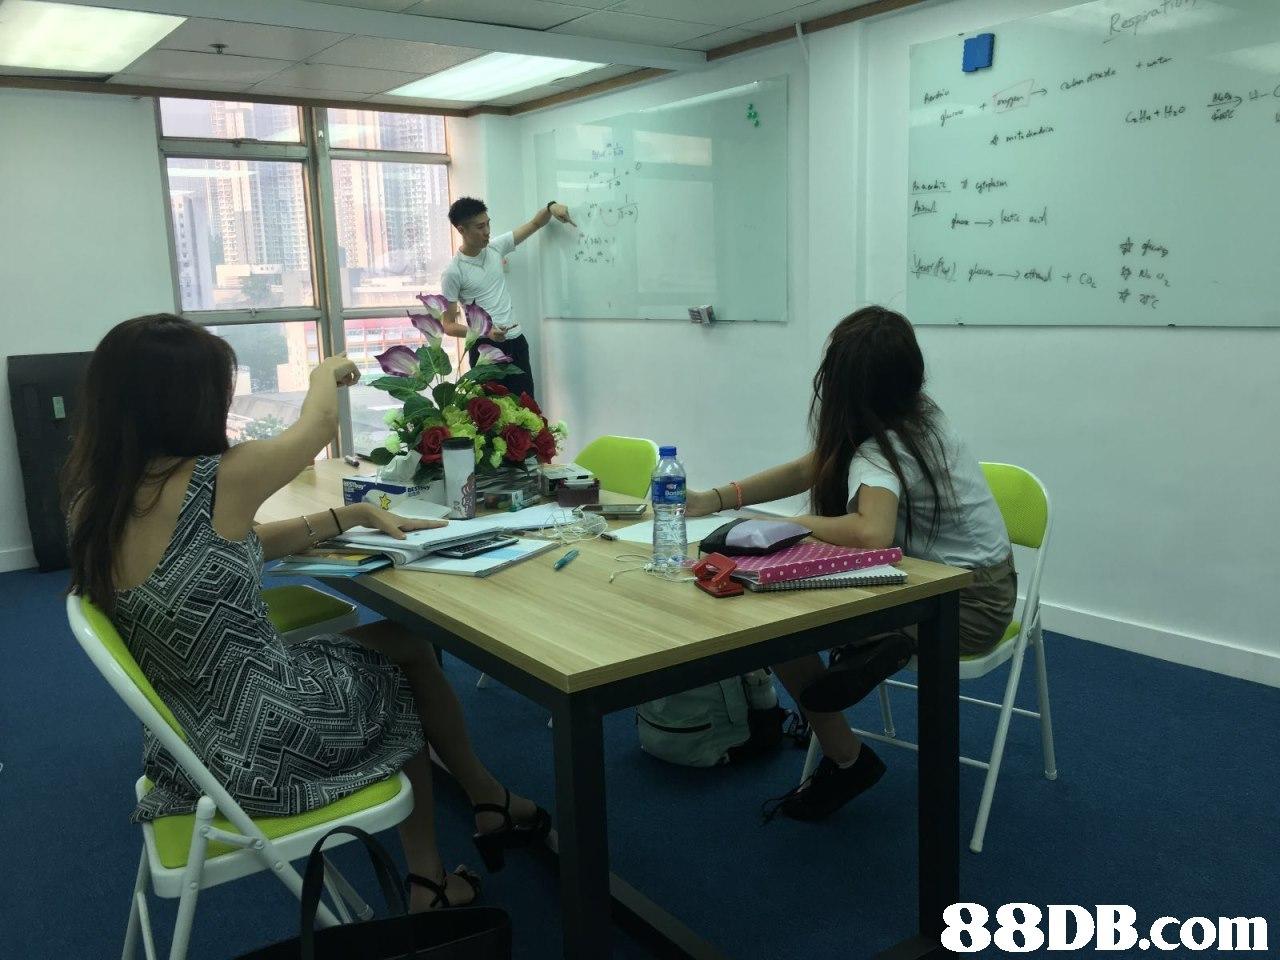 ら 나 88DB.com  room